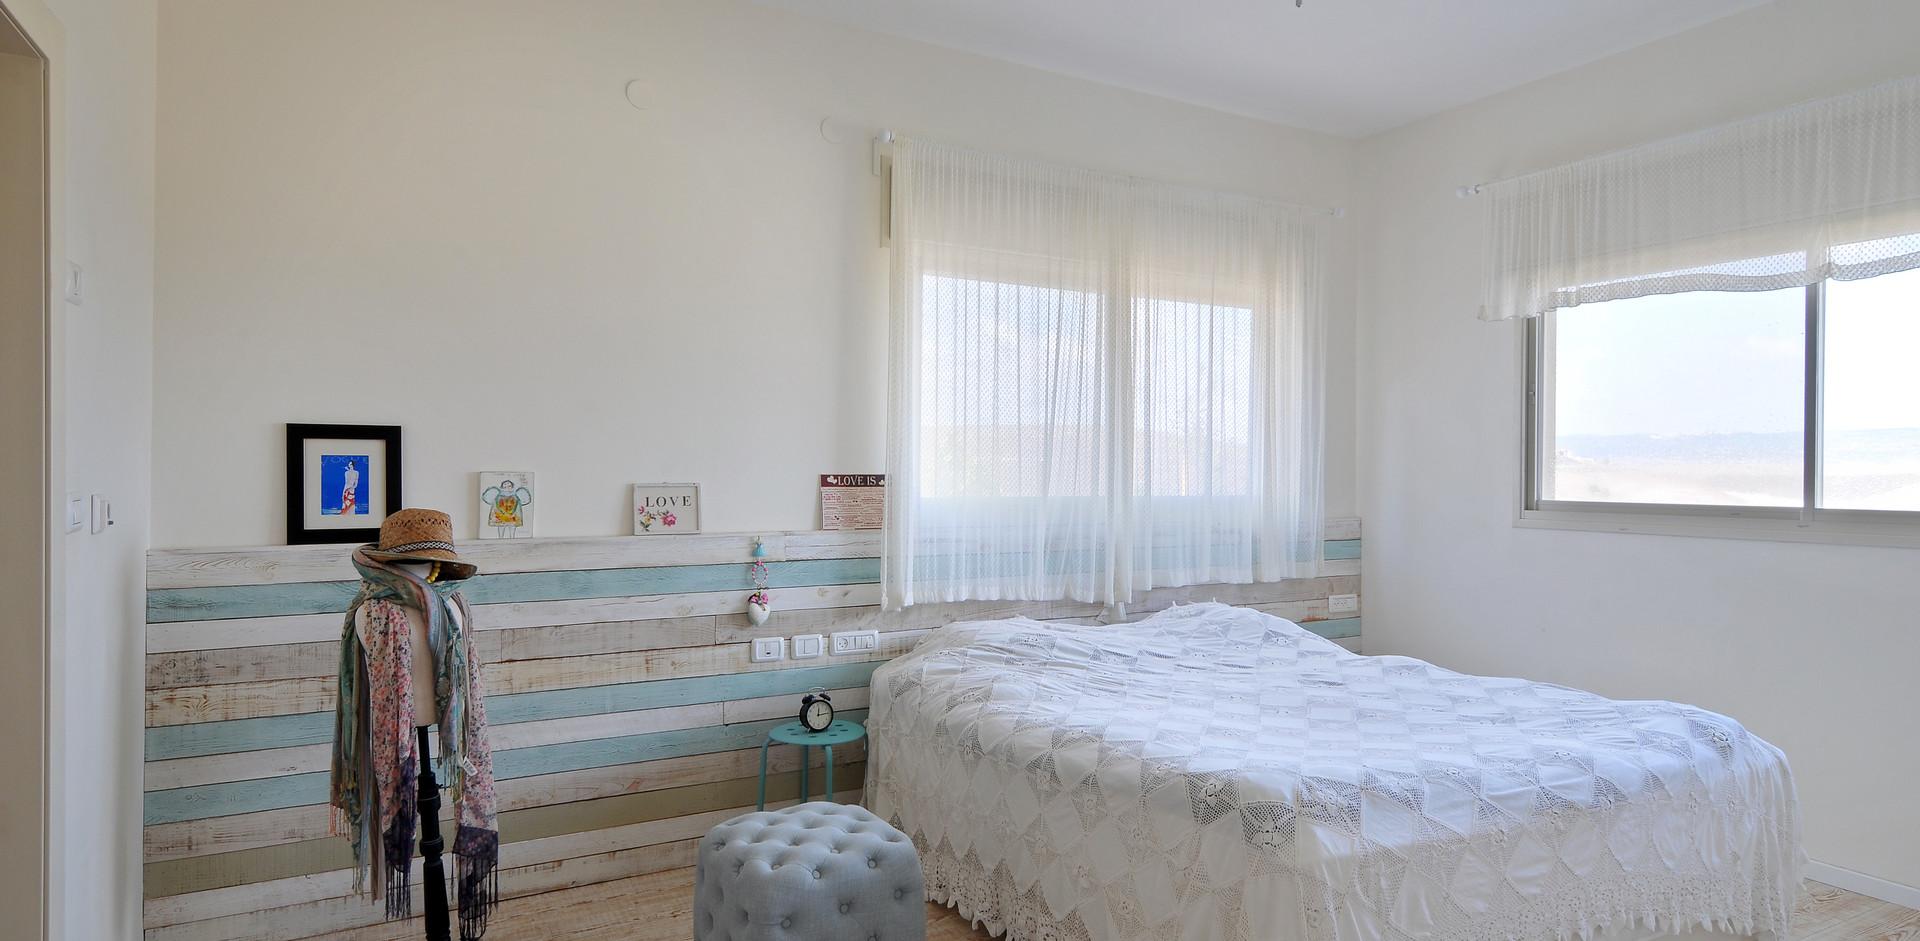 חדר שינה הורים- קורות העץ מעטרות את קיר המיטה